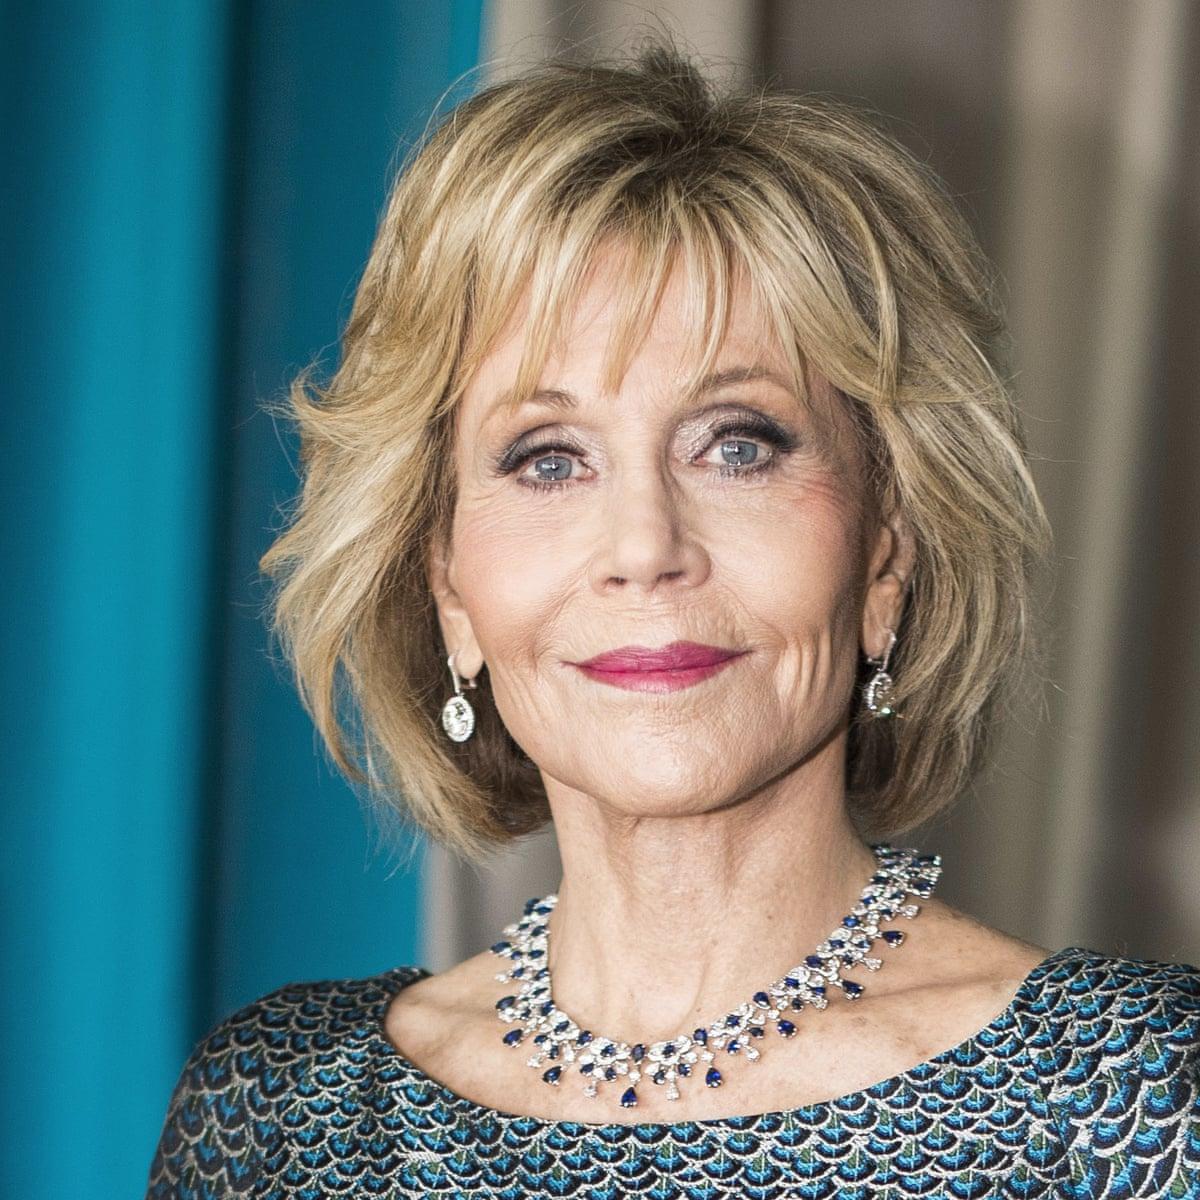 Jane Fonda: 'I'm 80! I keep pinching myself. I can't believe it ...